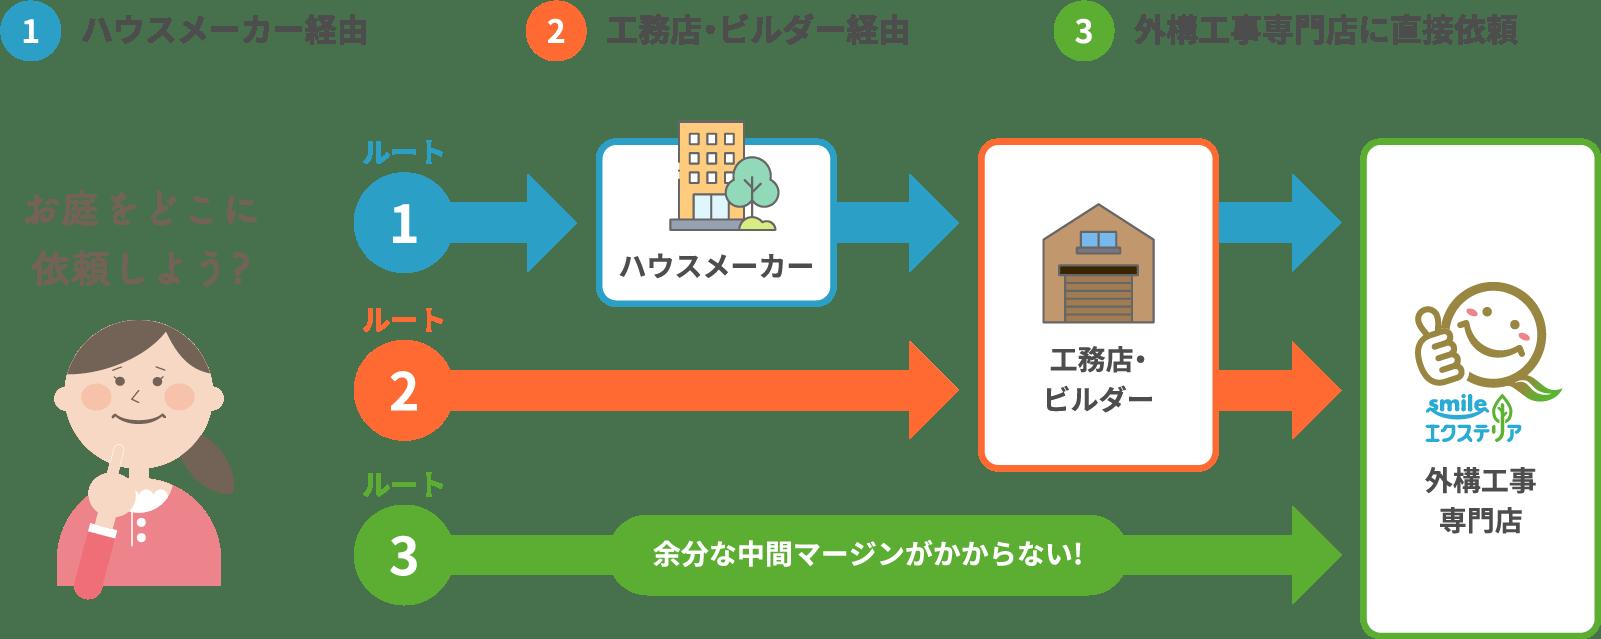 家周りの外構工事を依頼して完成するまでの3つのルート